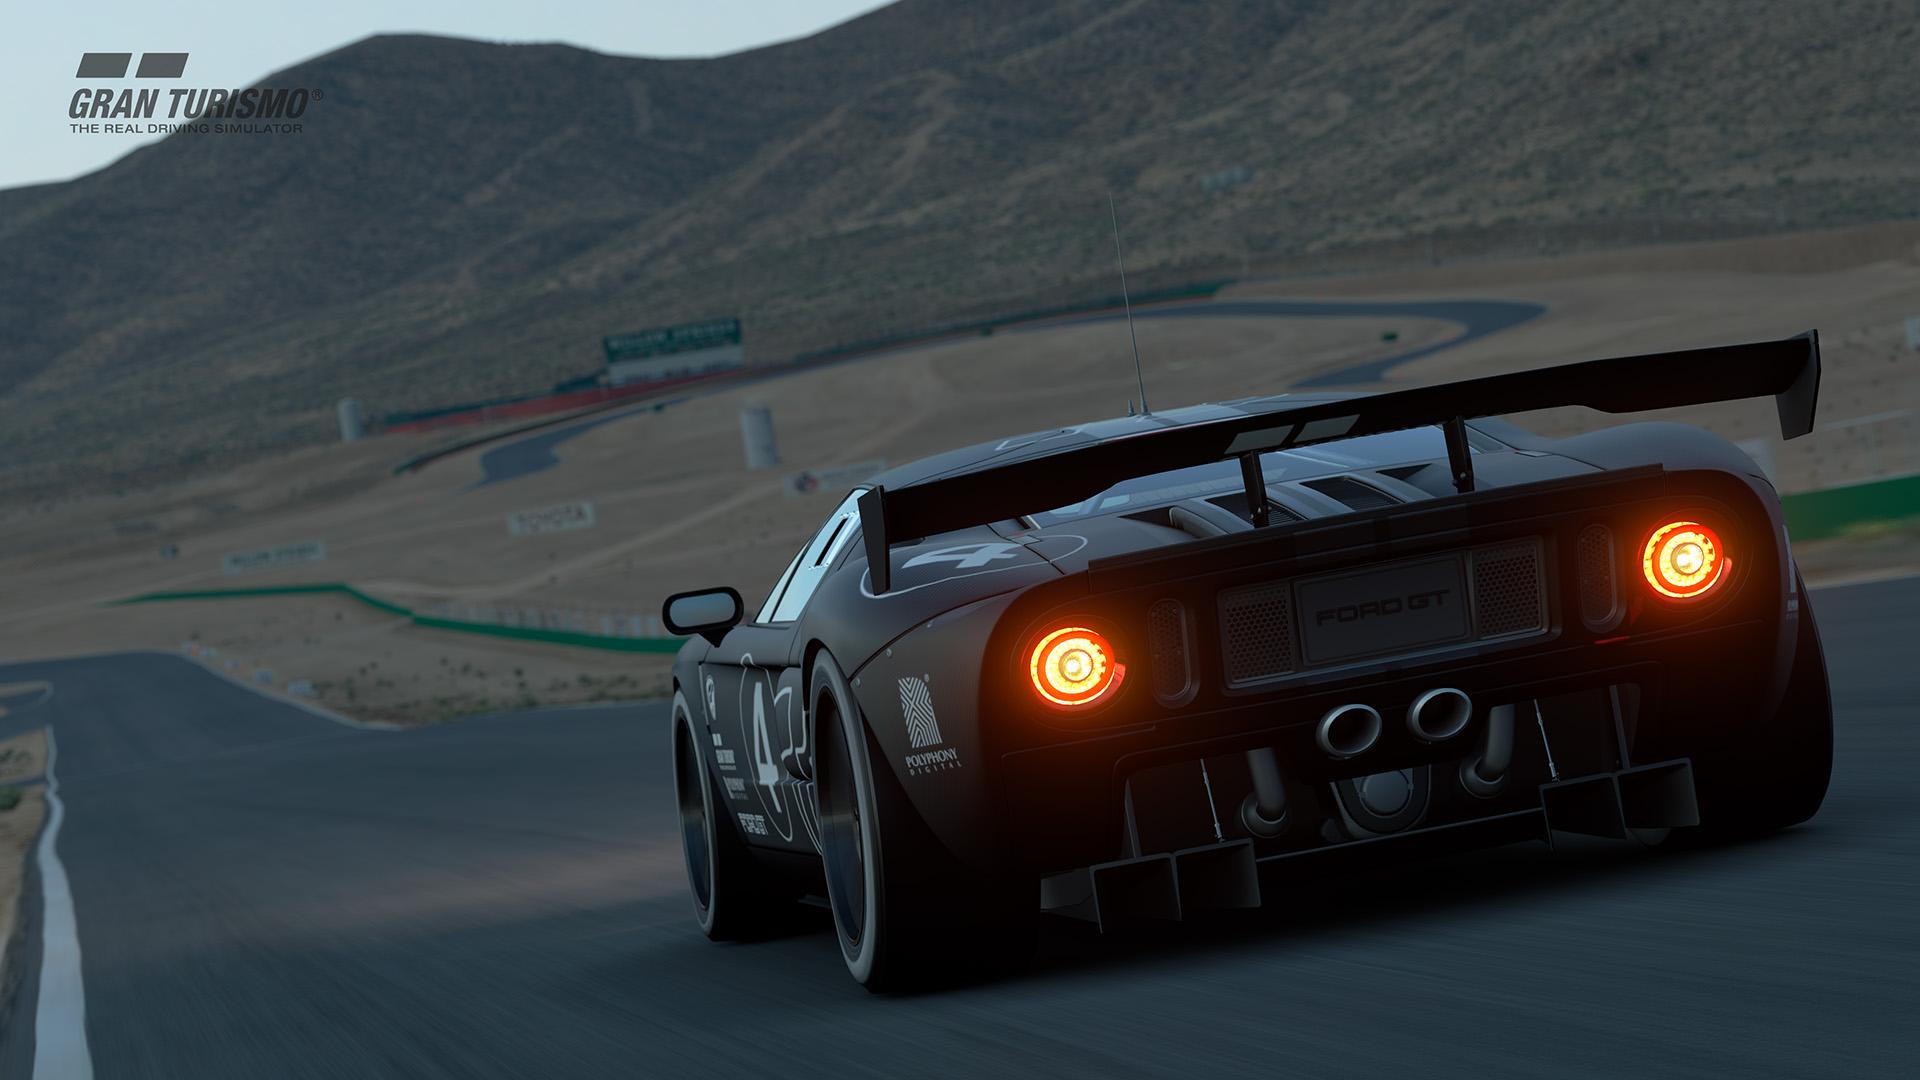 Gran-Turismo-Sport-Ford-GT-LM-Spec-II-Test-Car-03.jpg